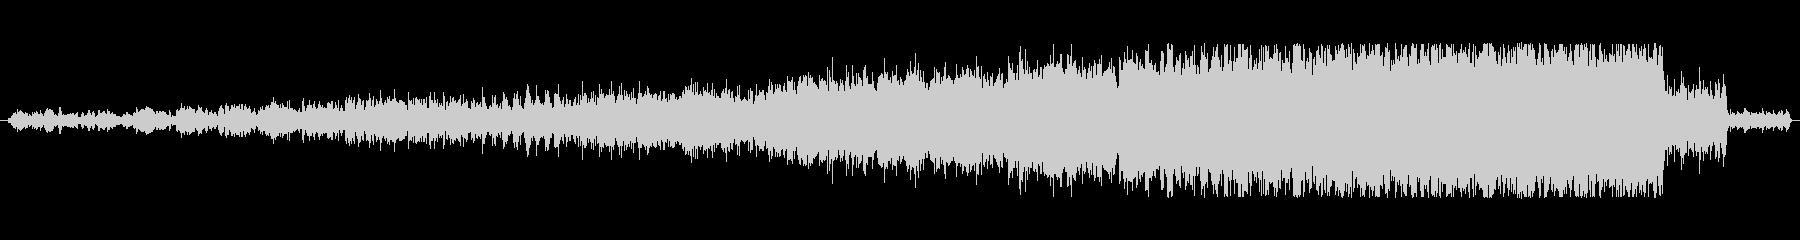 上昇 テープマシンノイズスピンアップ03の未再生の波形